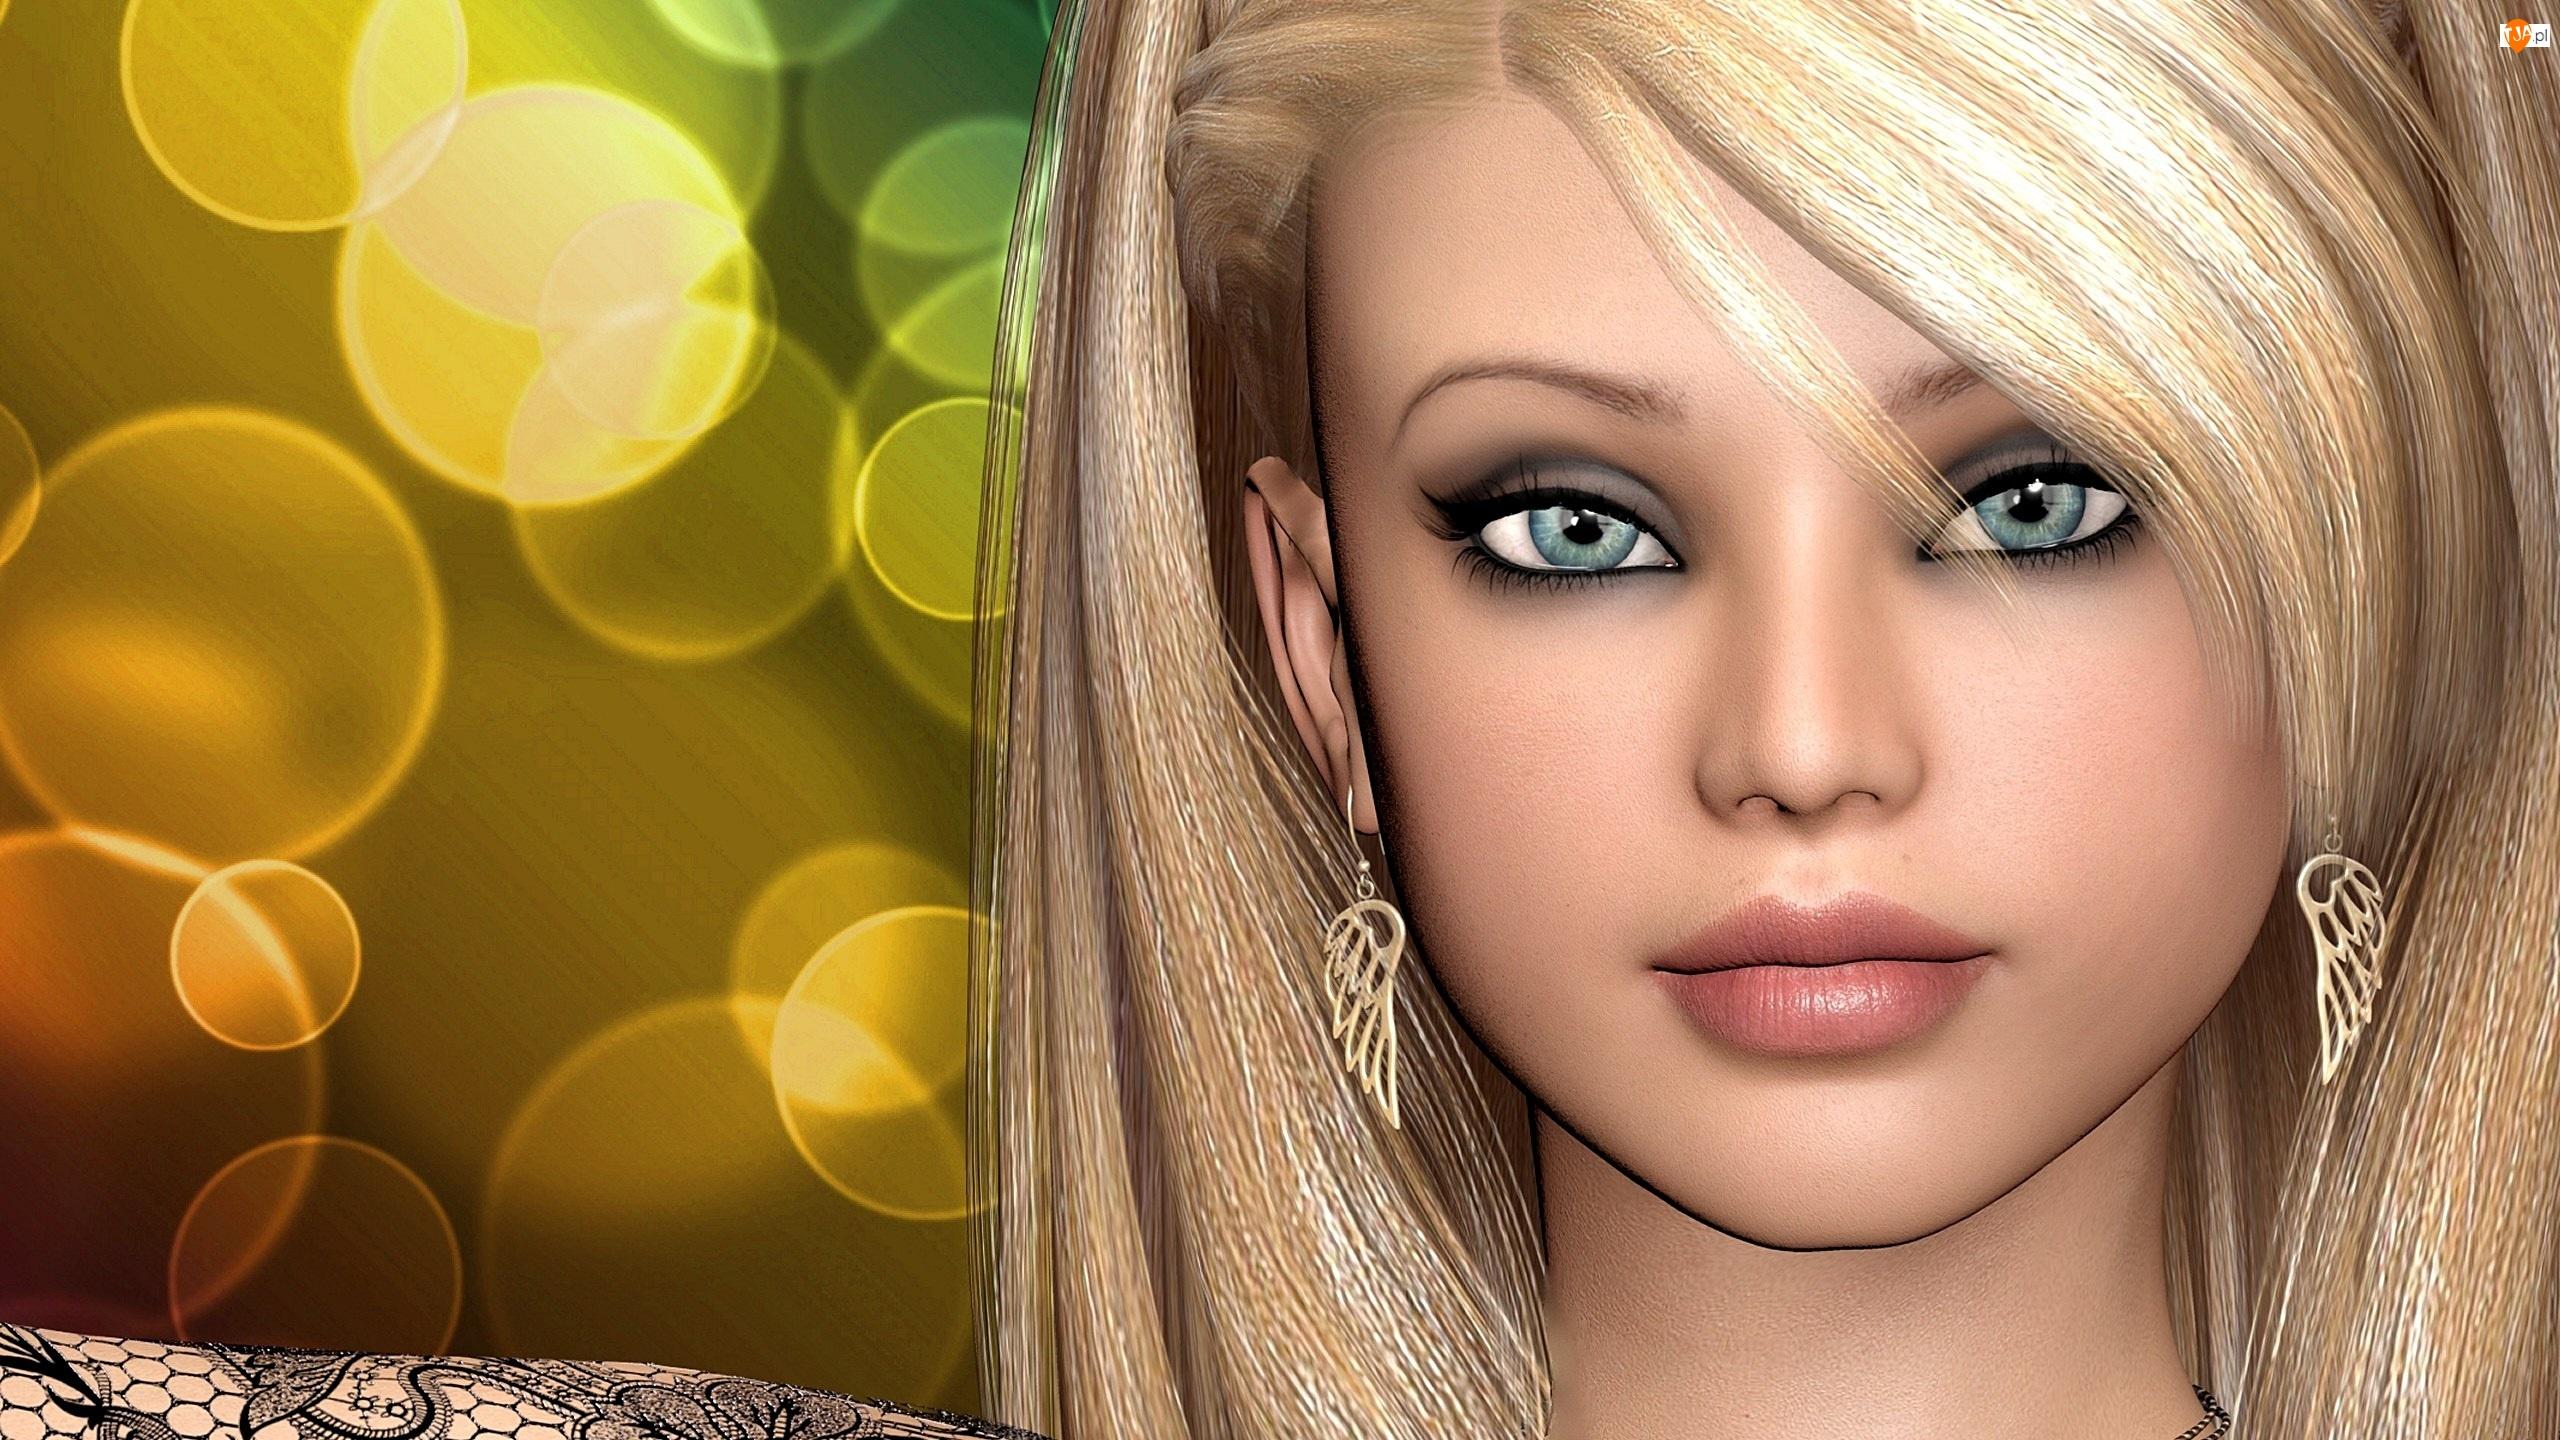 3D, Dziewczyna, Portret, Kolczyki, Grafika